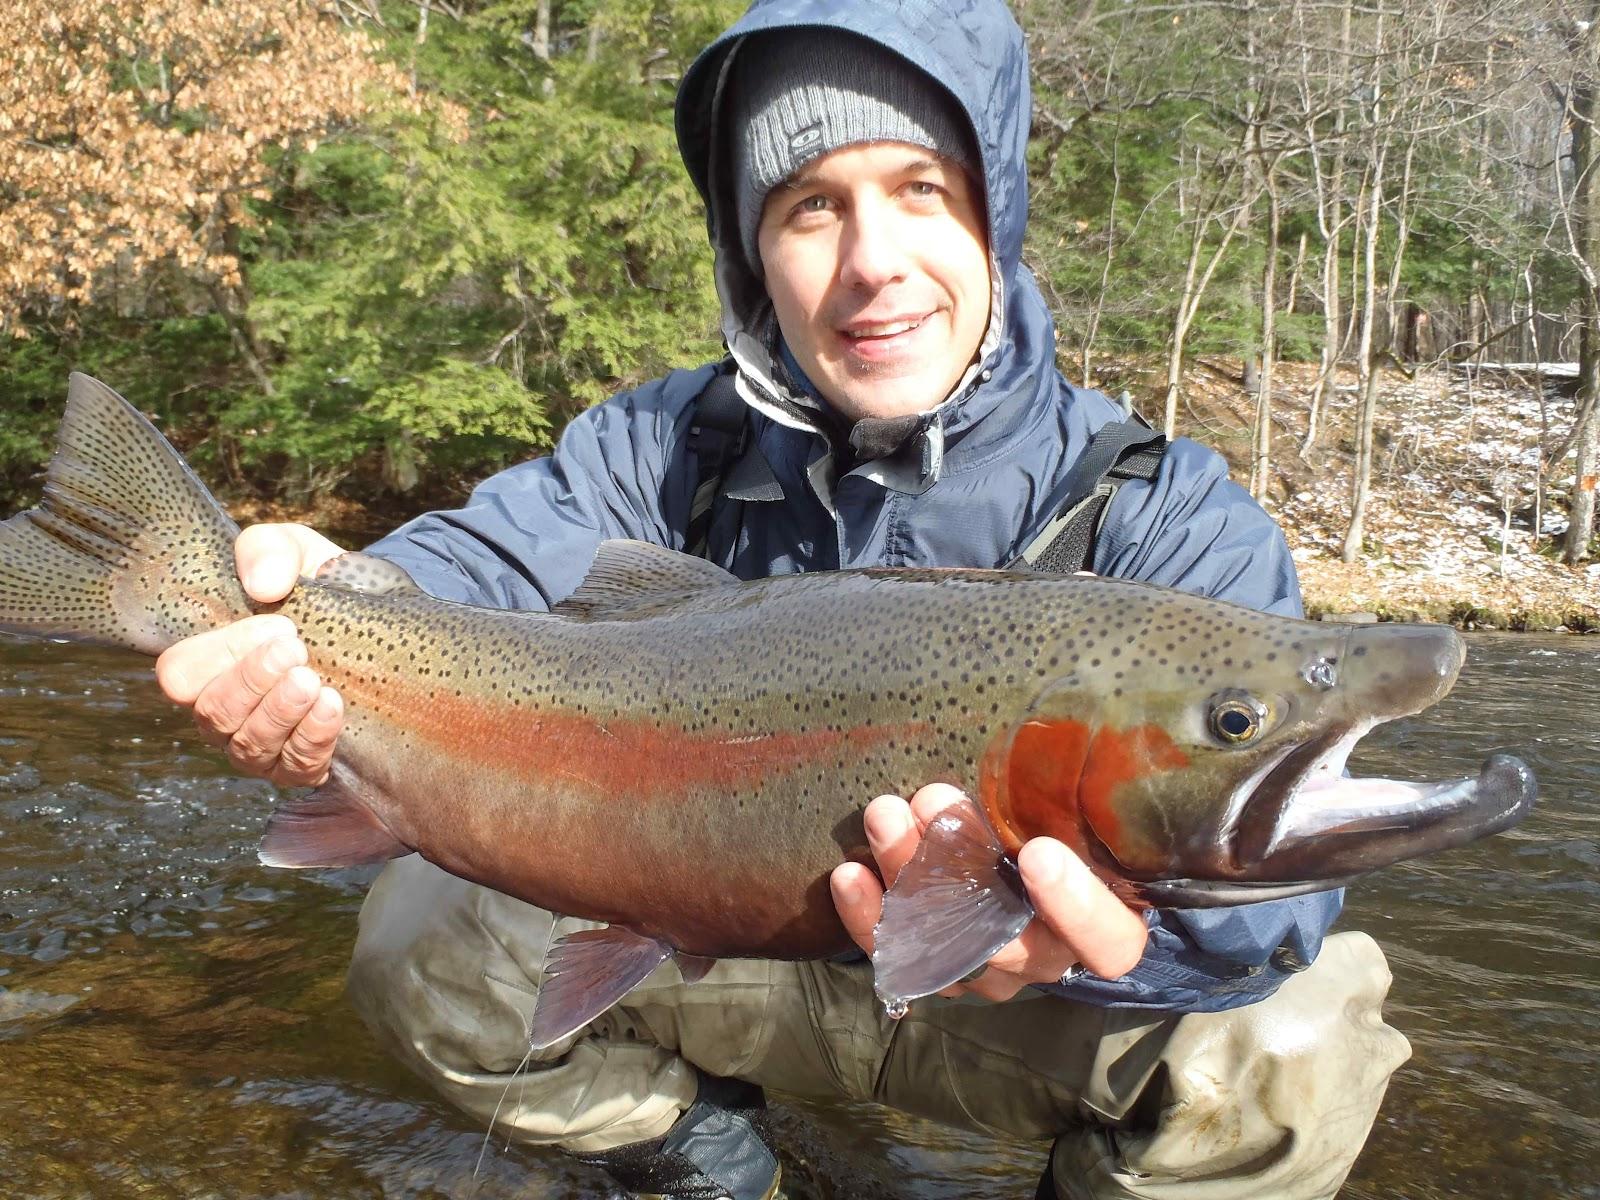 Great fall steelhead fishing trip belle sortie d 39 automne for Fly fishing for steelhead